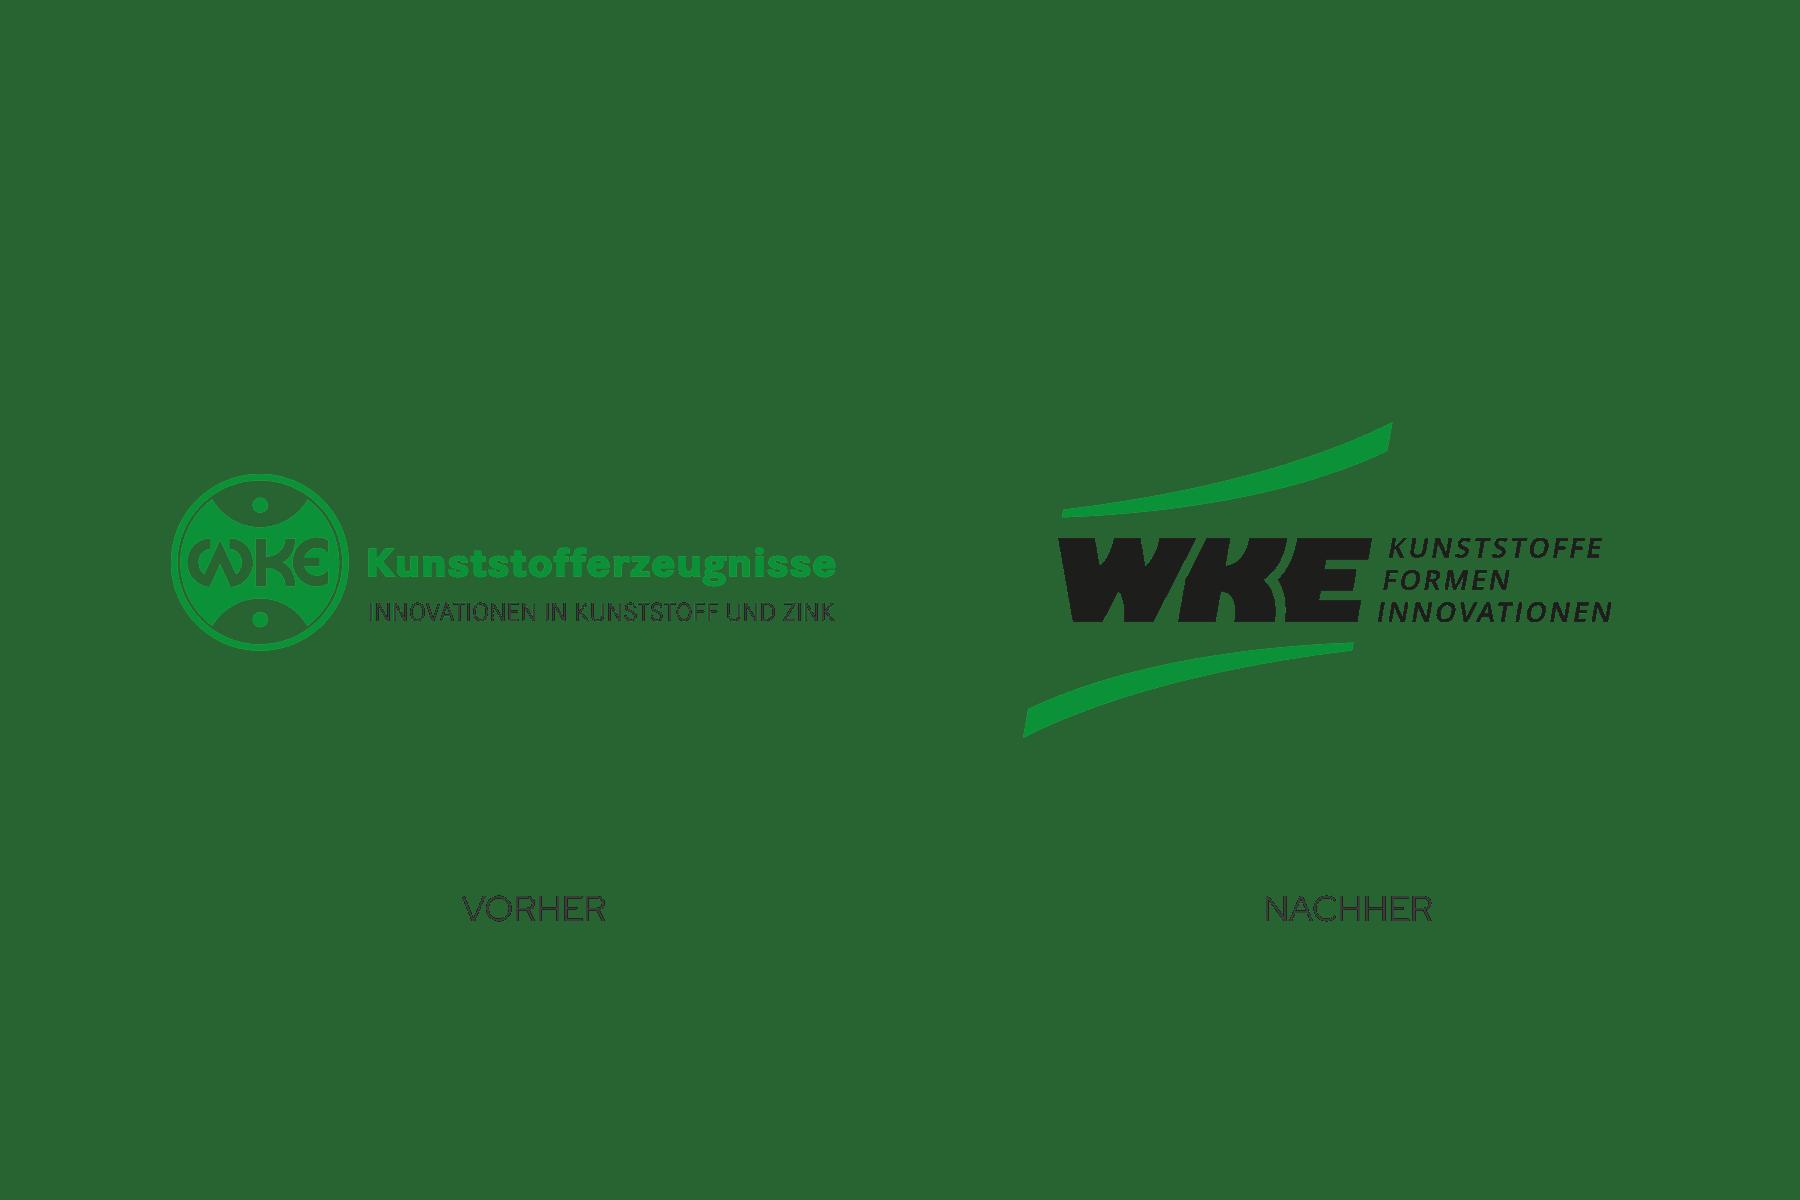 Logo-Redesign Vorher-Nachher-Vergleich